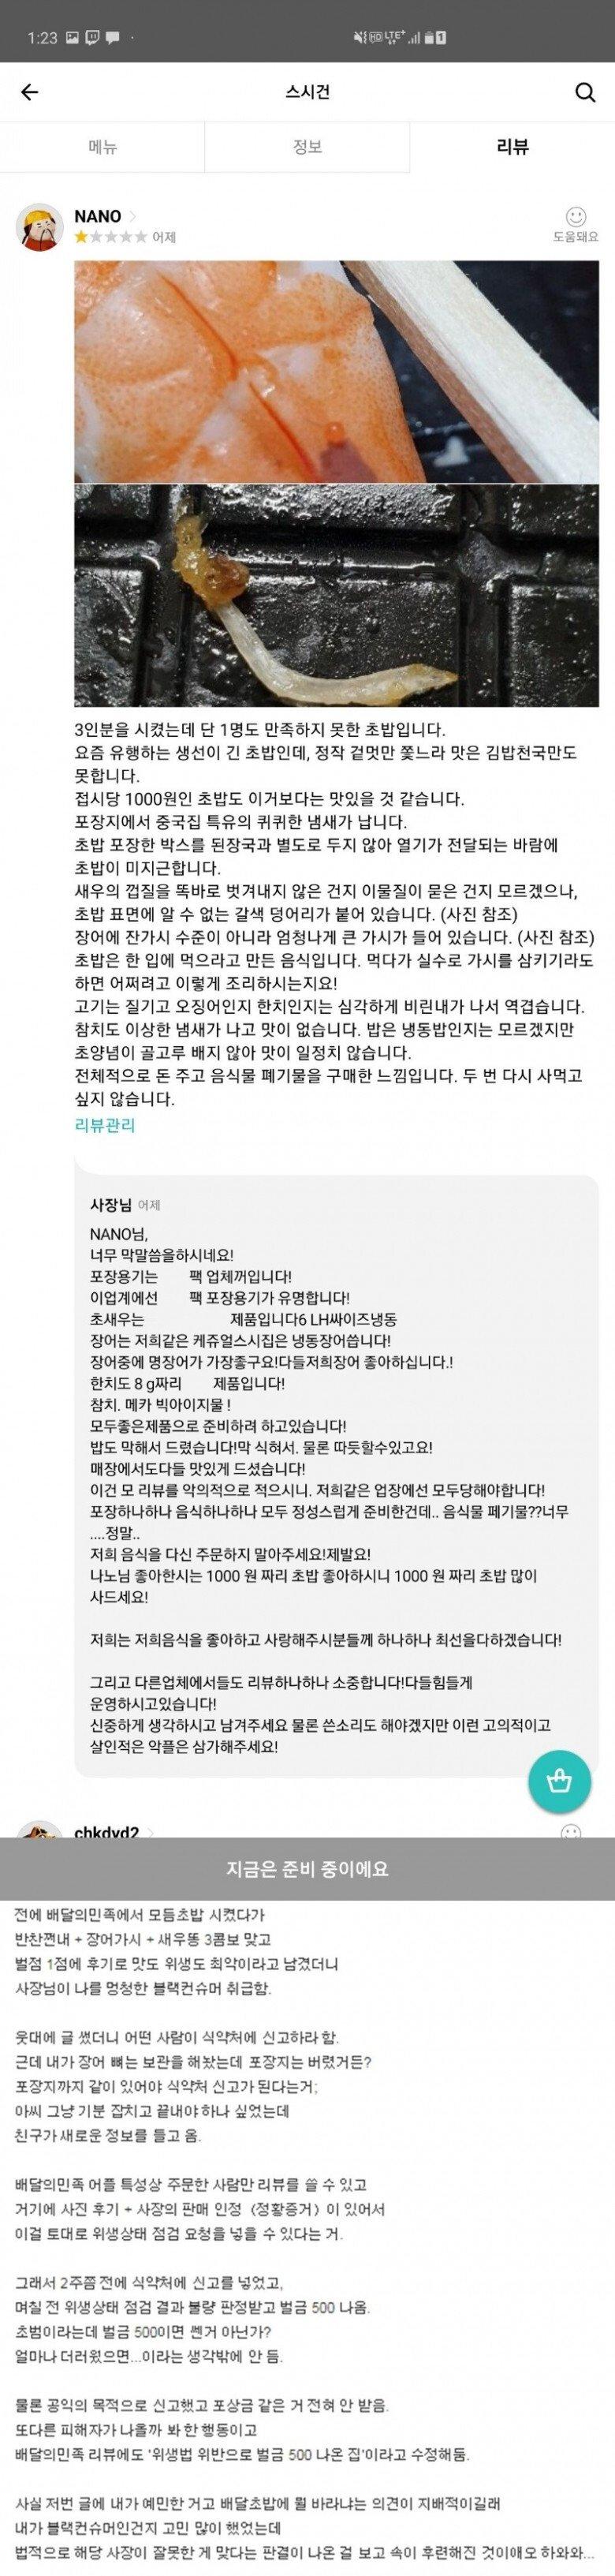 배달 초밥집에 500만원 벌금형.jpg